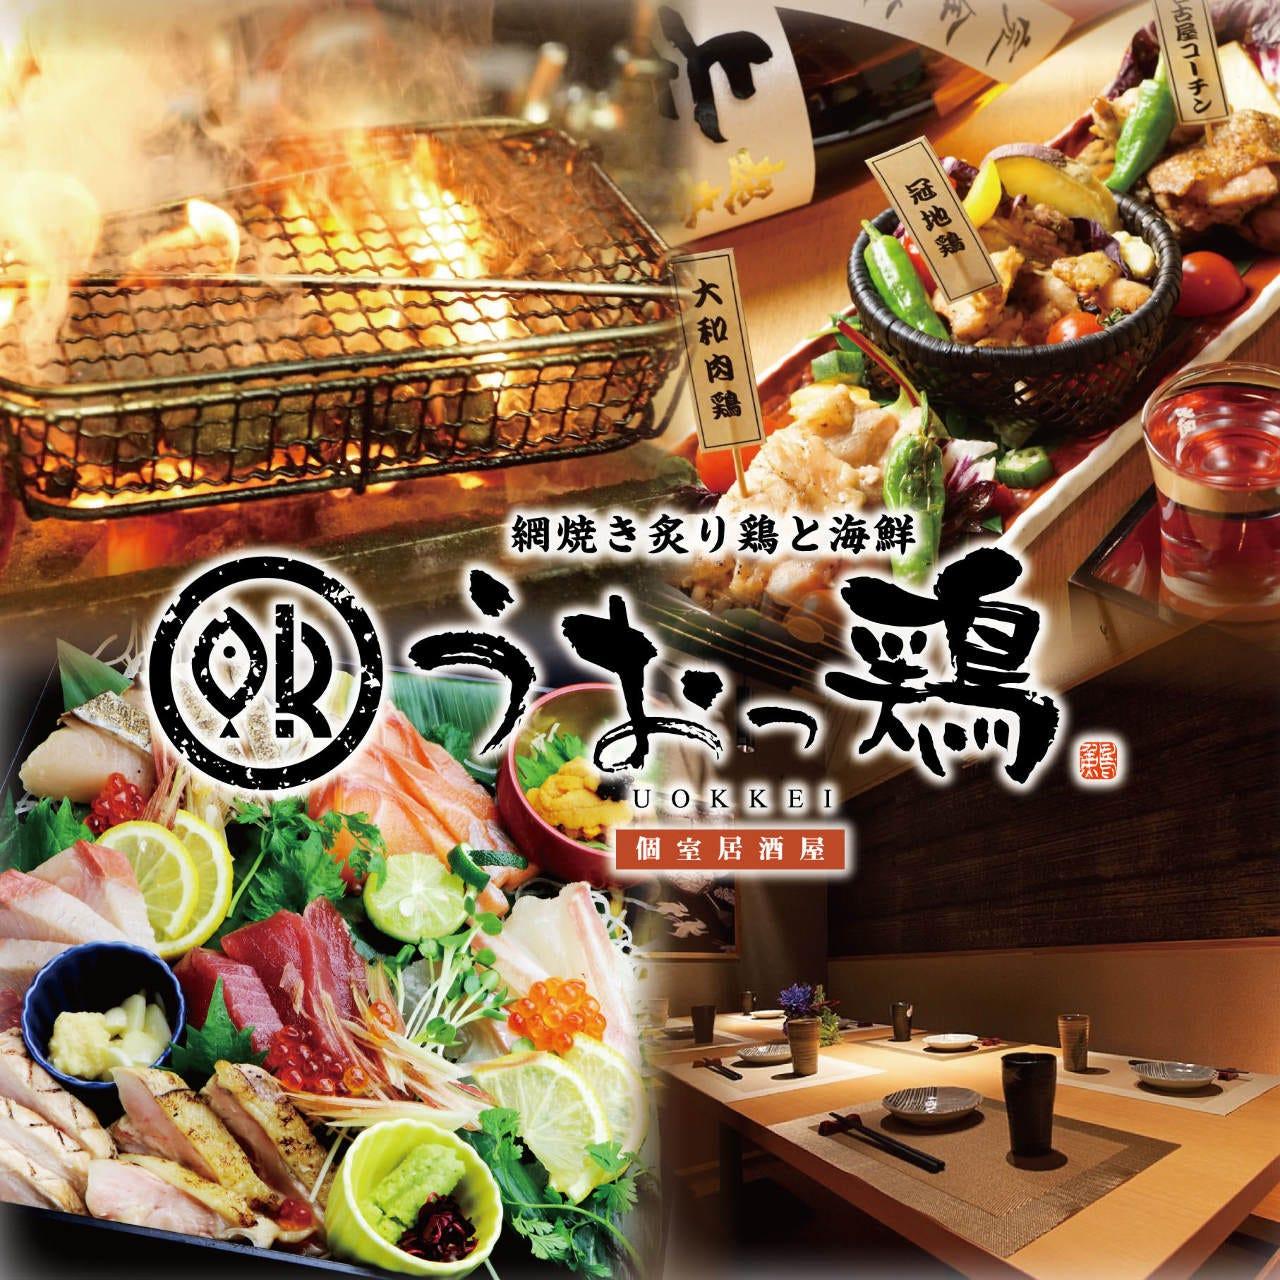 網焼き炙り鶏と海鮮 うおっ鶏 〜うおっけい〜 日立駅前店